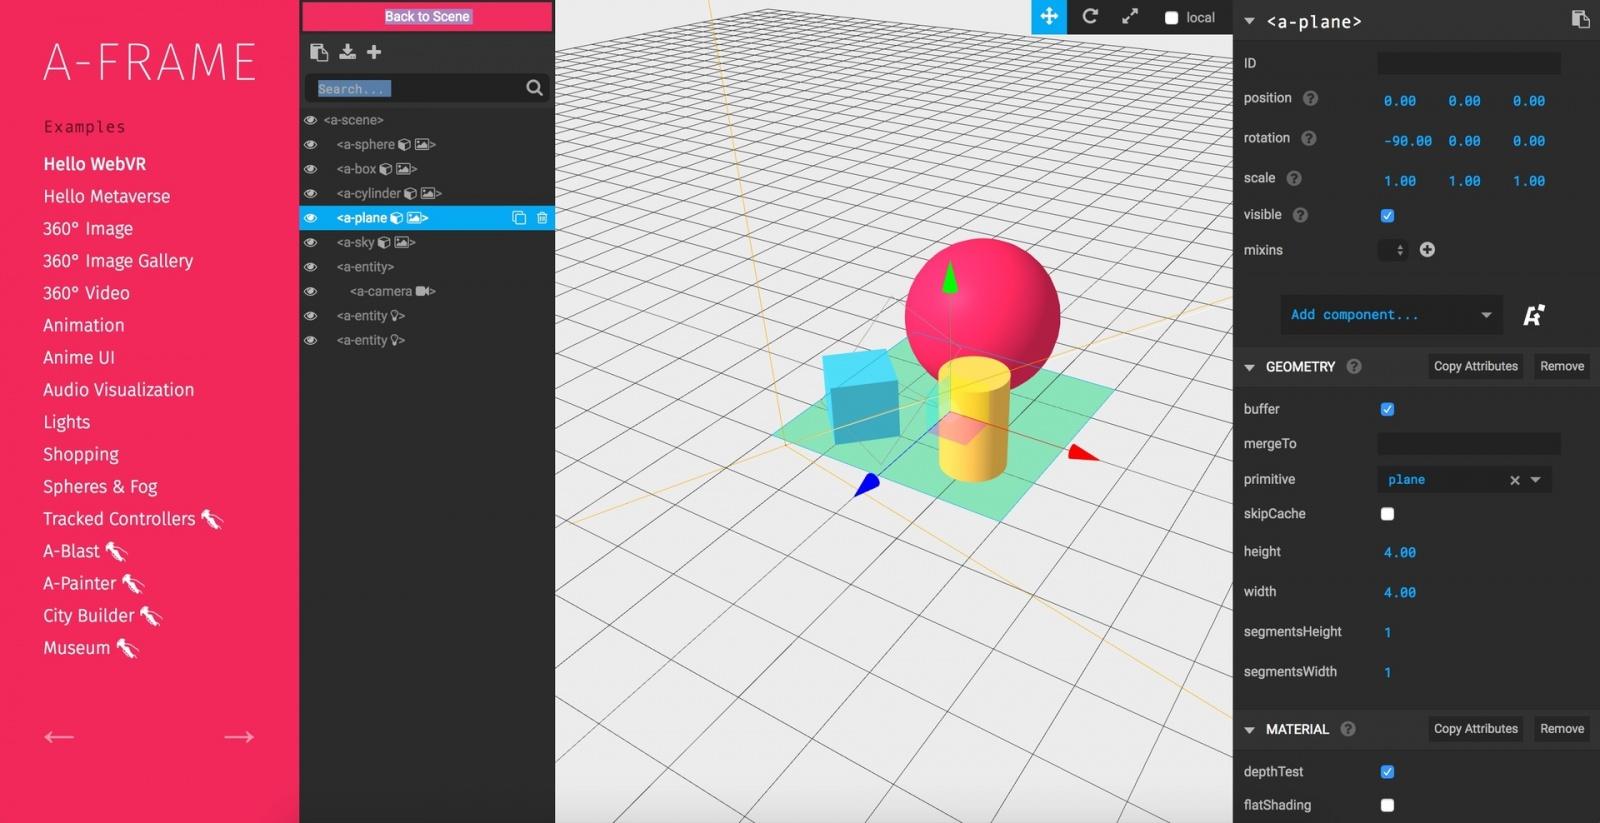 VR-AR в браузере. Как быстро влиться и сделать свое первое приложение, используя WebVR API - 14